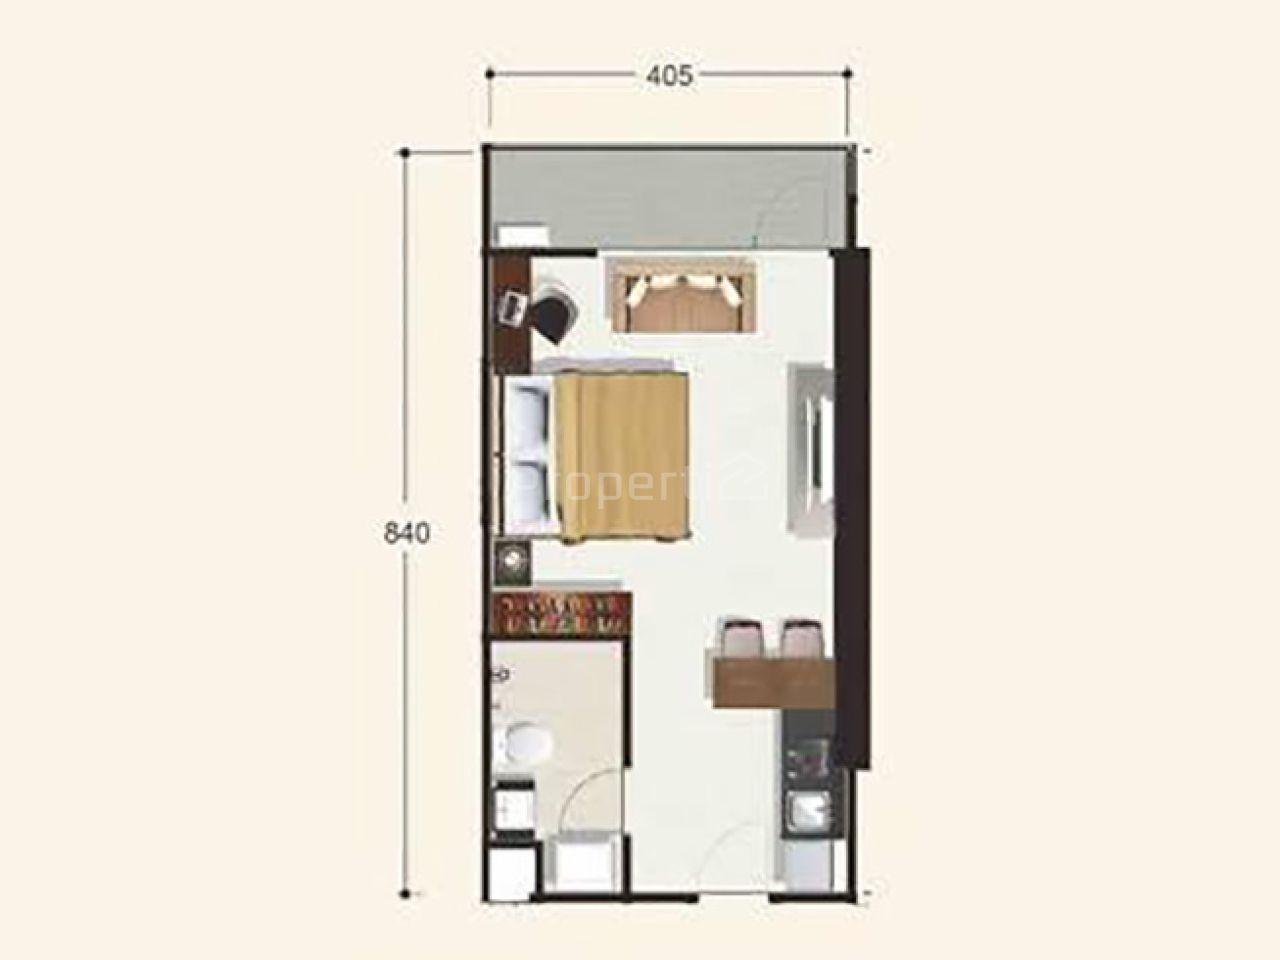 Studio Apartment Unit at Tamansari Tera Residence, 17th Floor, Kota Bandung